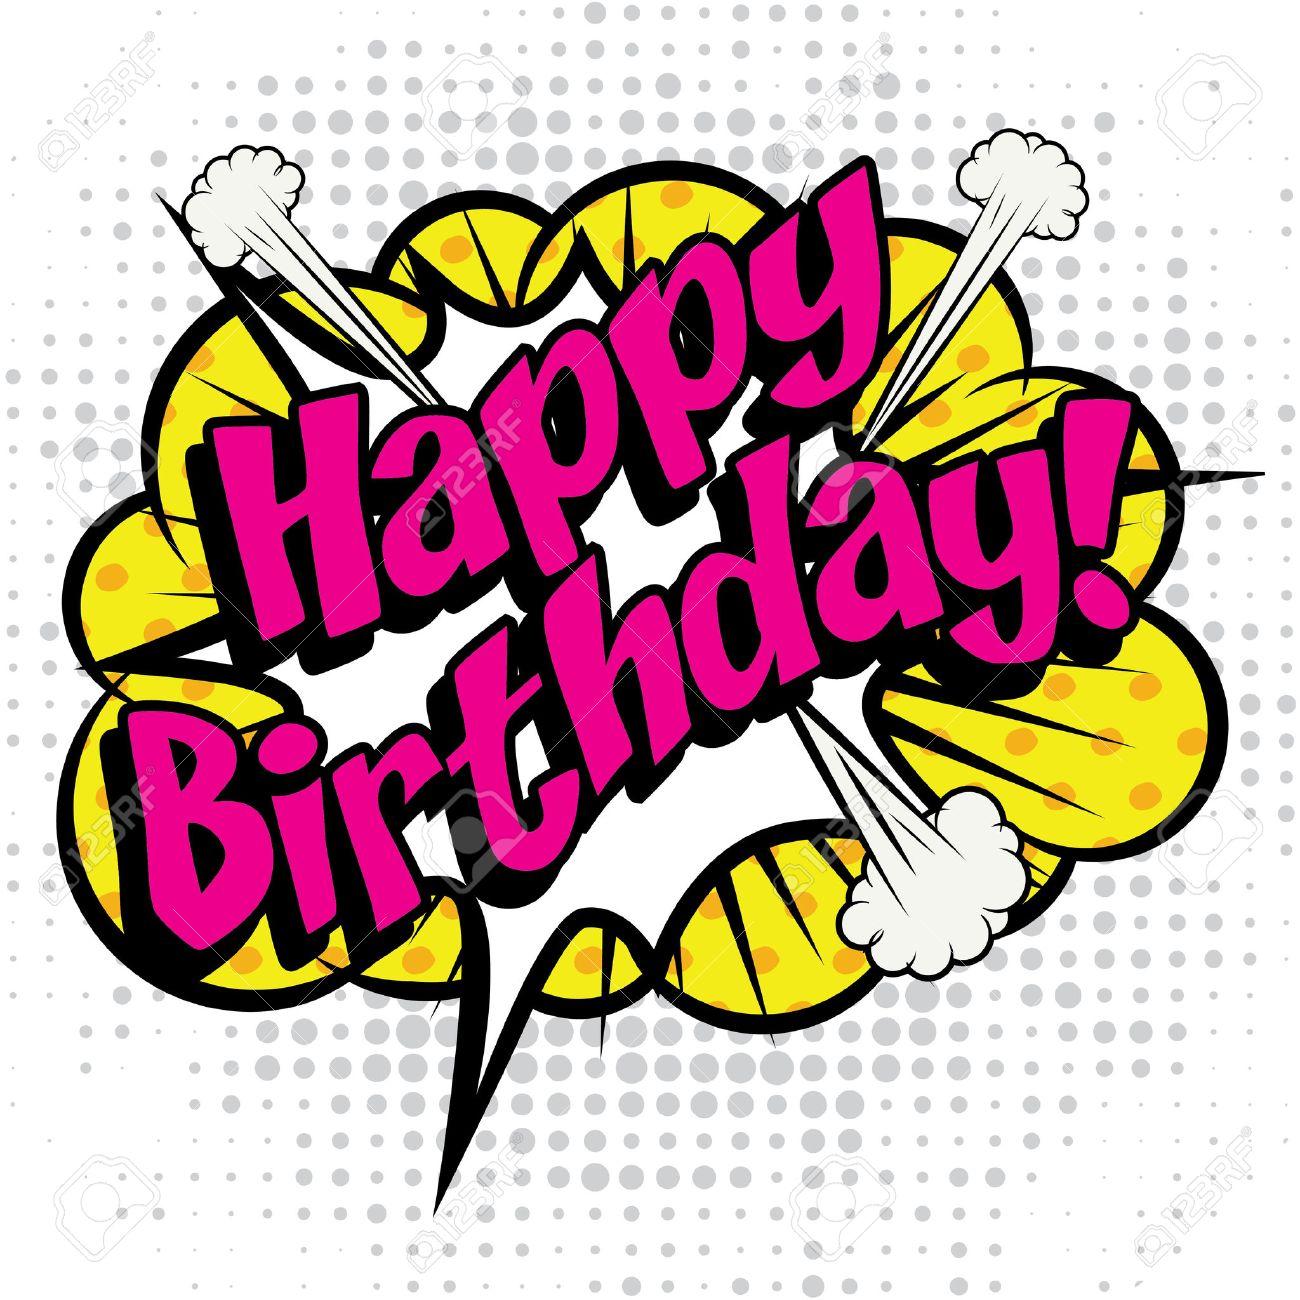 Pop Art comics icon Happy Birthday! - 51869822